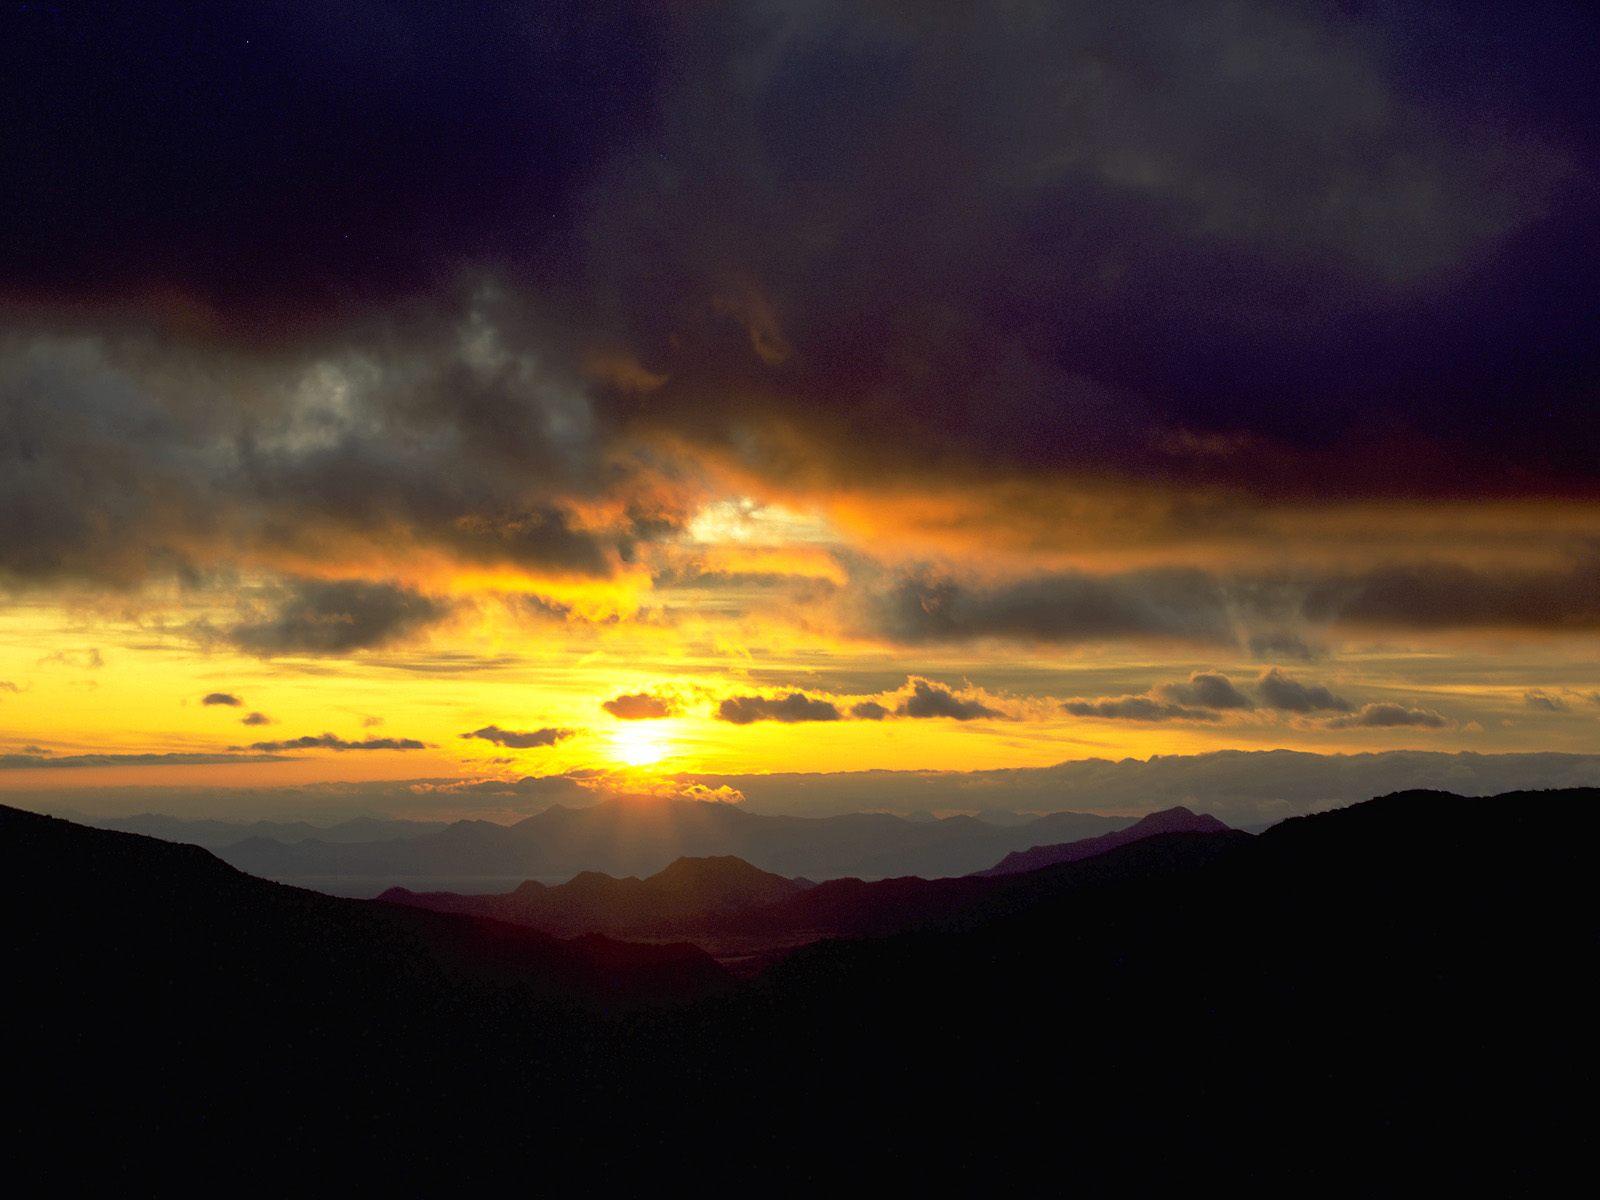 Sunrise From Chiricahua Mountains, Arizona